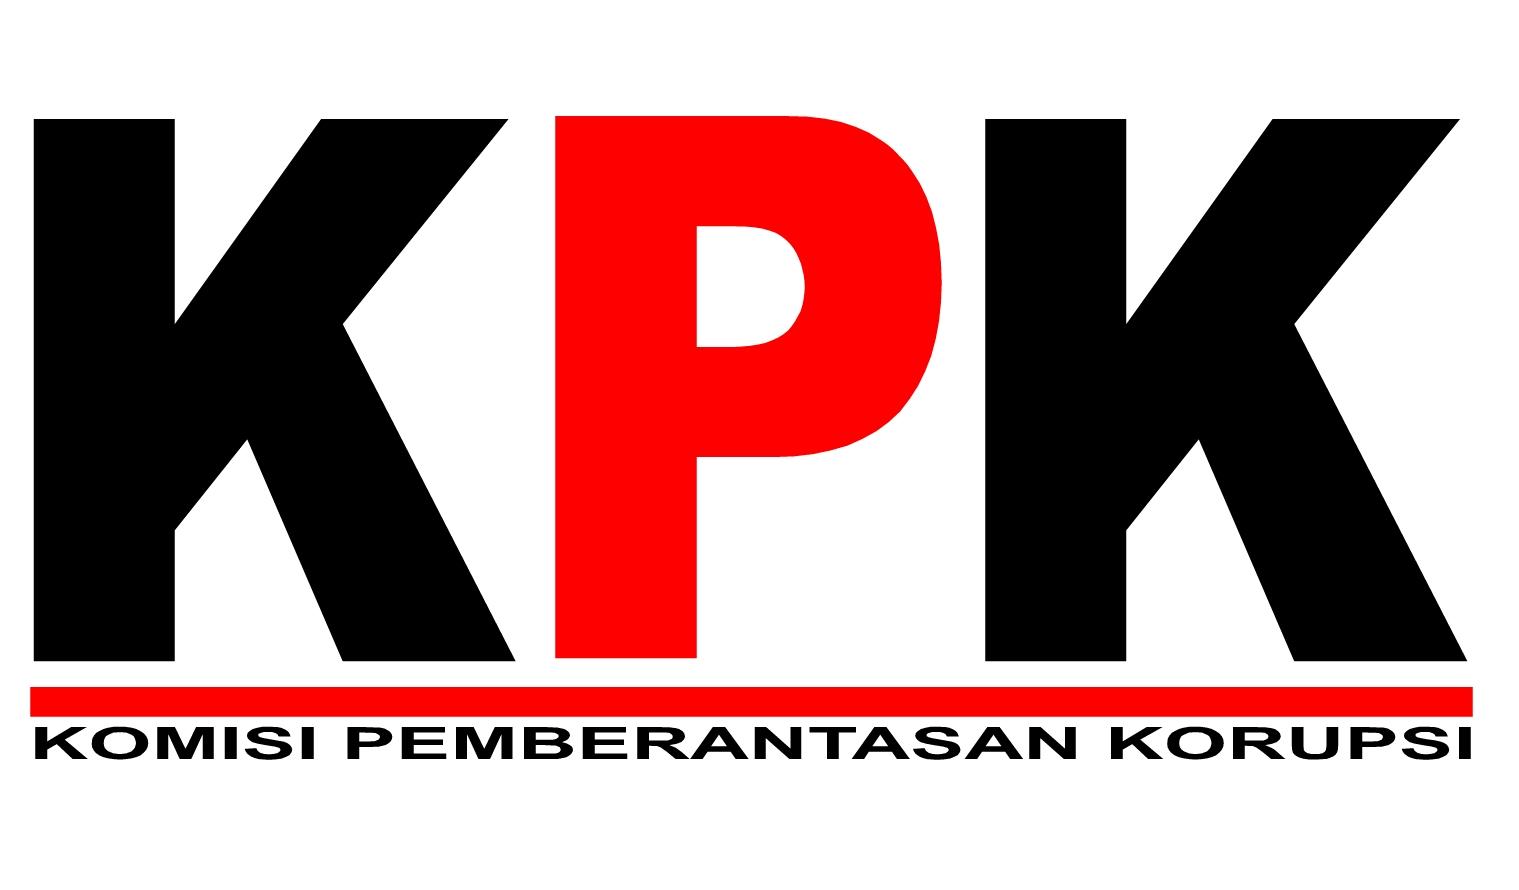 Bawaslu-KPK bersinergi awasi politik transaksional jelang pilkada